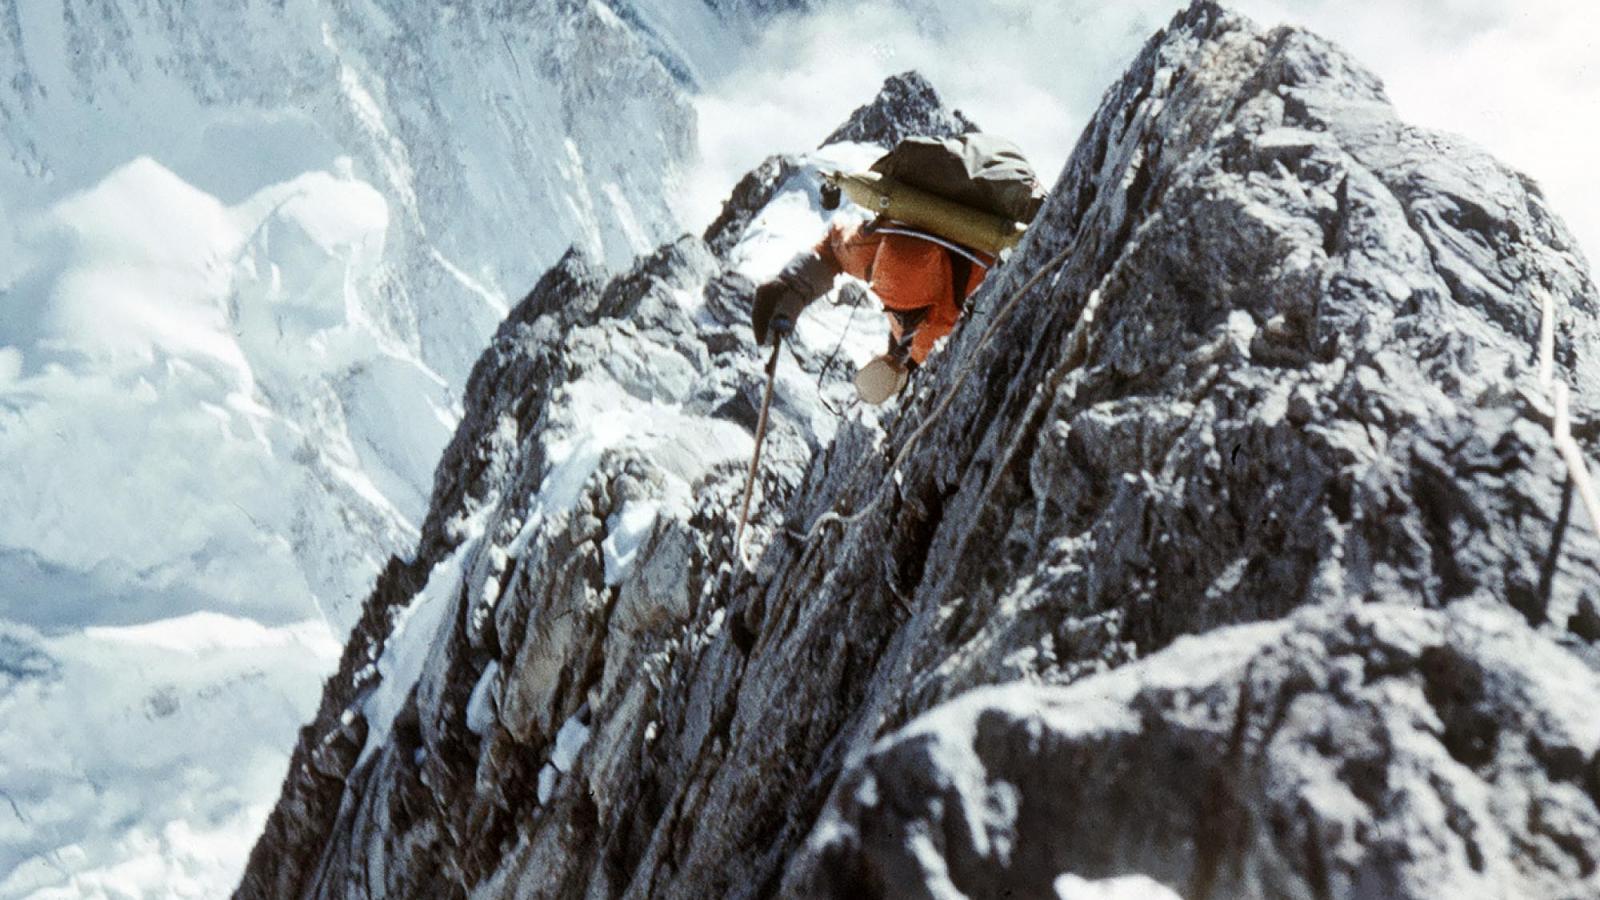 Гора Эверест Джомолунгма  все что вам нужно знать